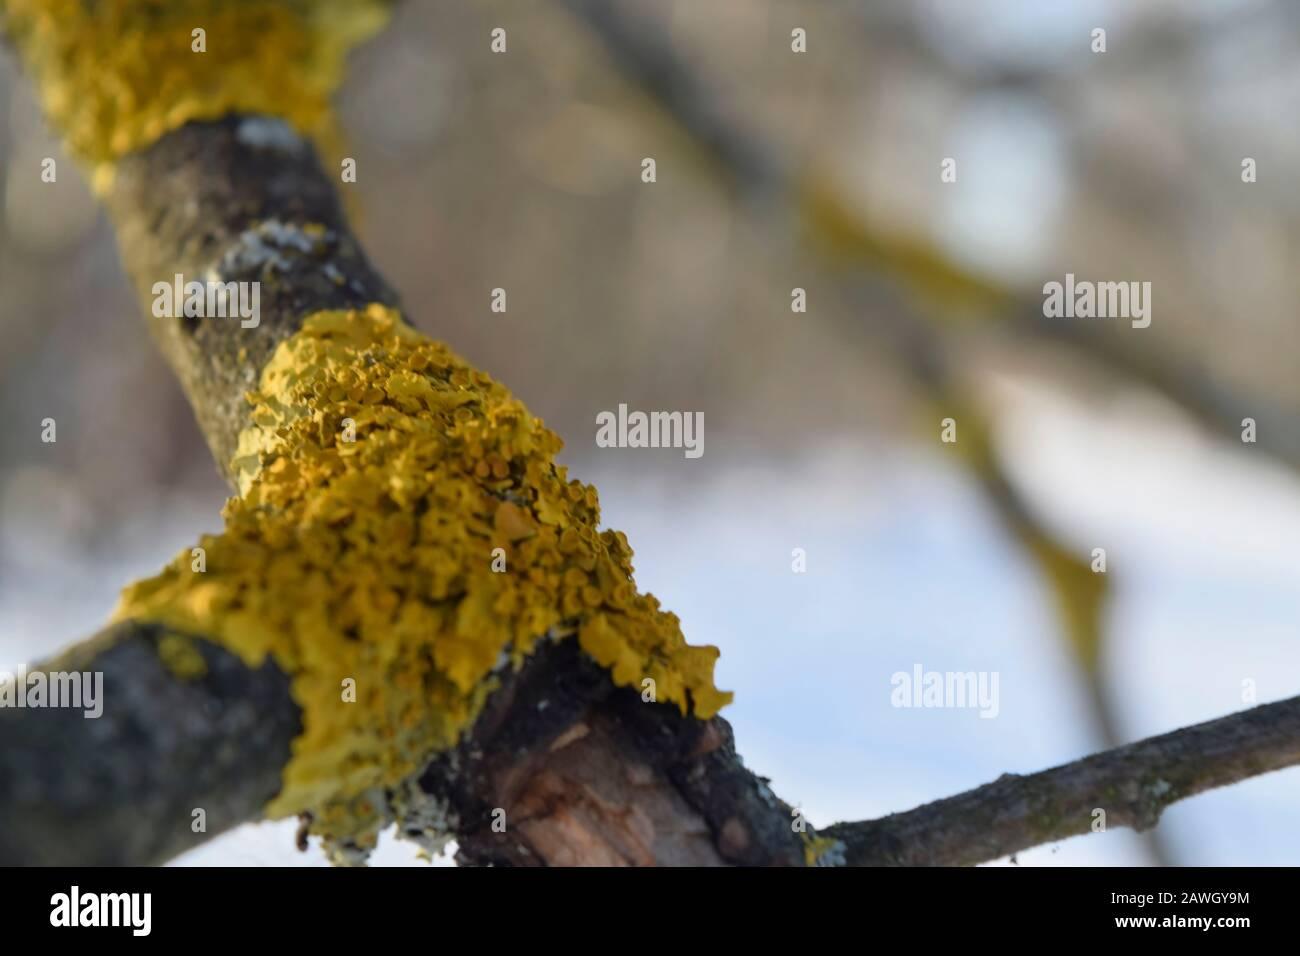 Lichen sur une branche sèche d'un arbre. Gros plan Banque D'Images